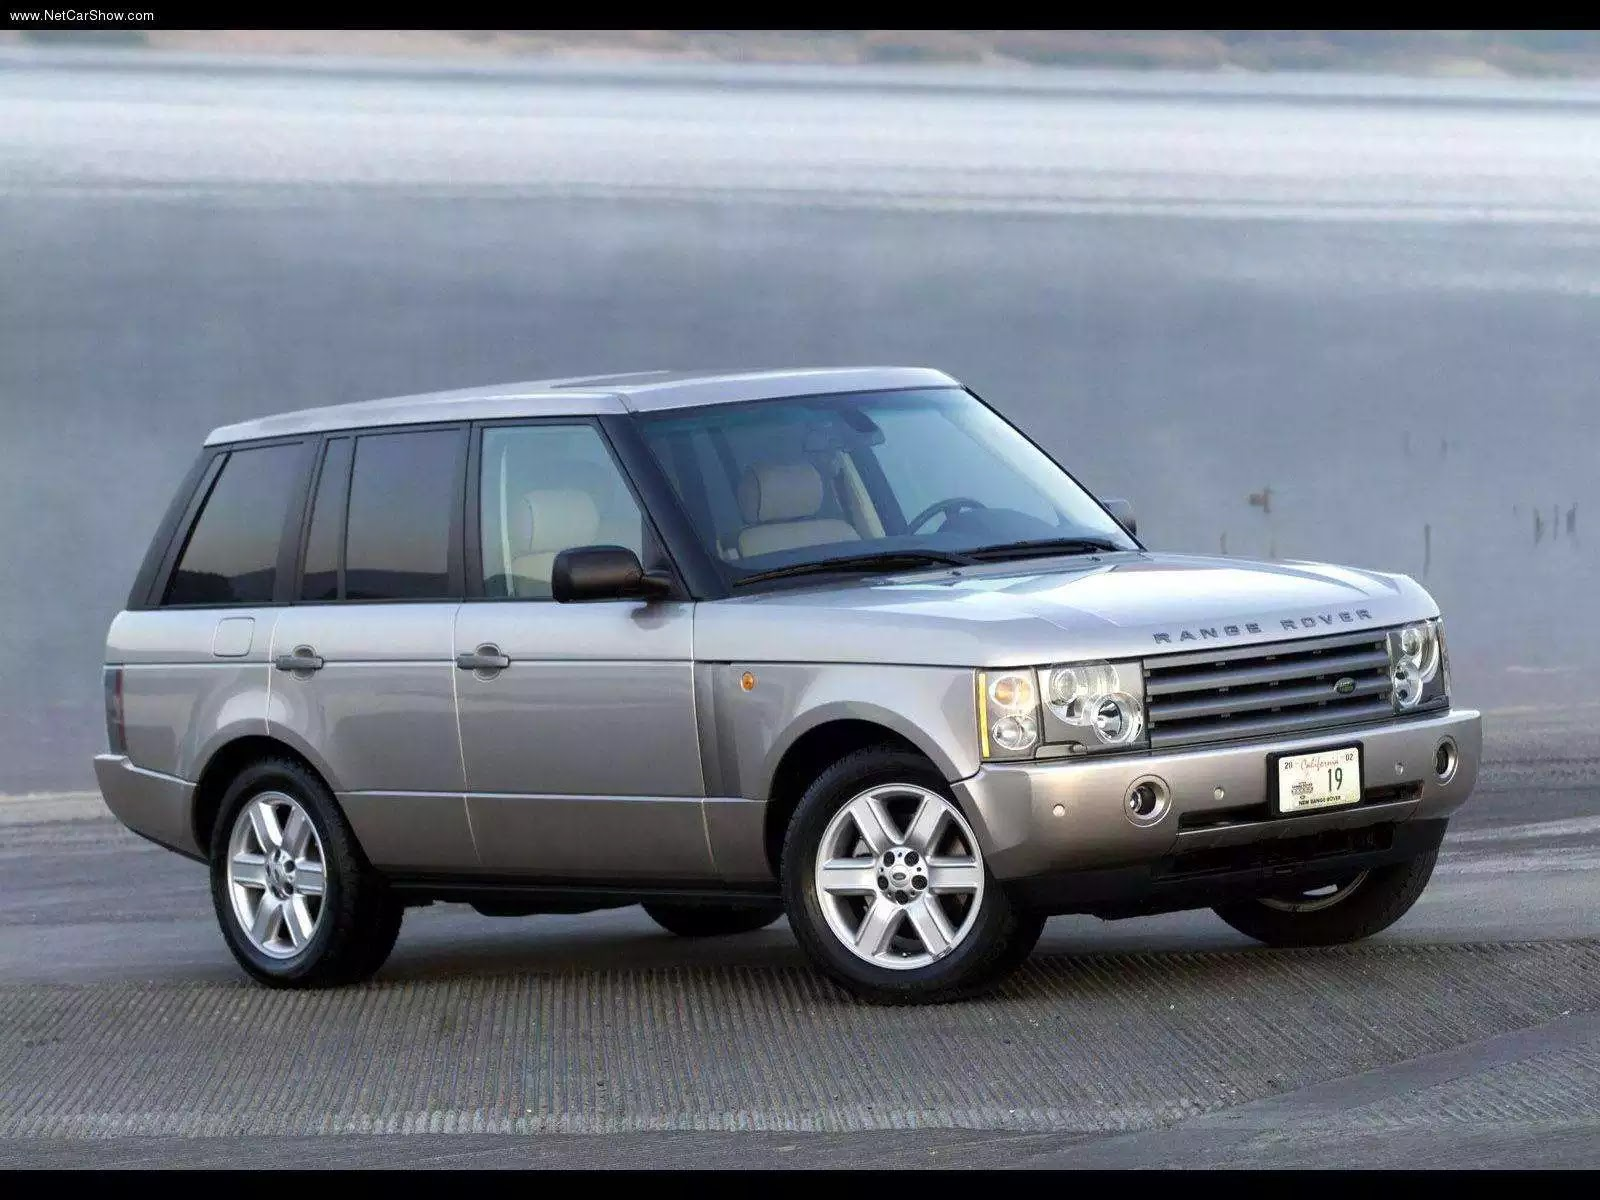 Hình ảnh xe ô tô Land Rover Range Rover 2003 & nội ngoại thất